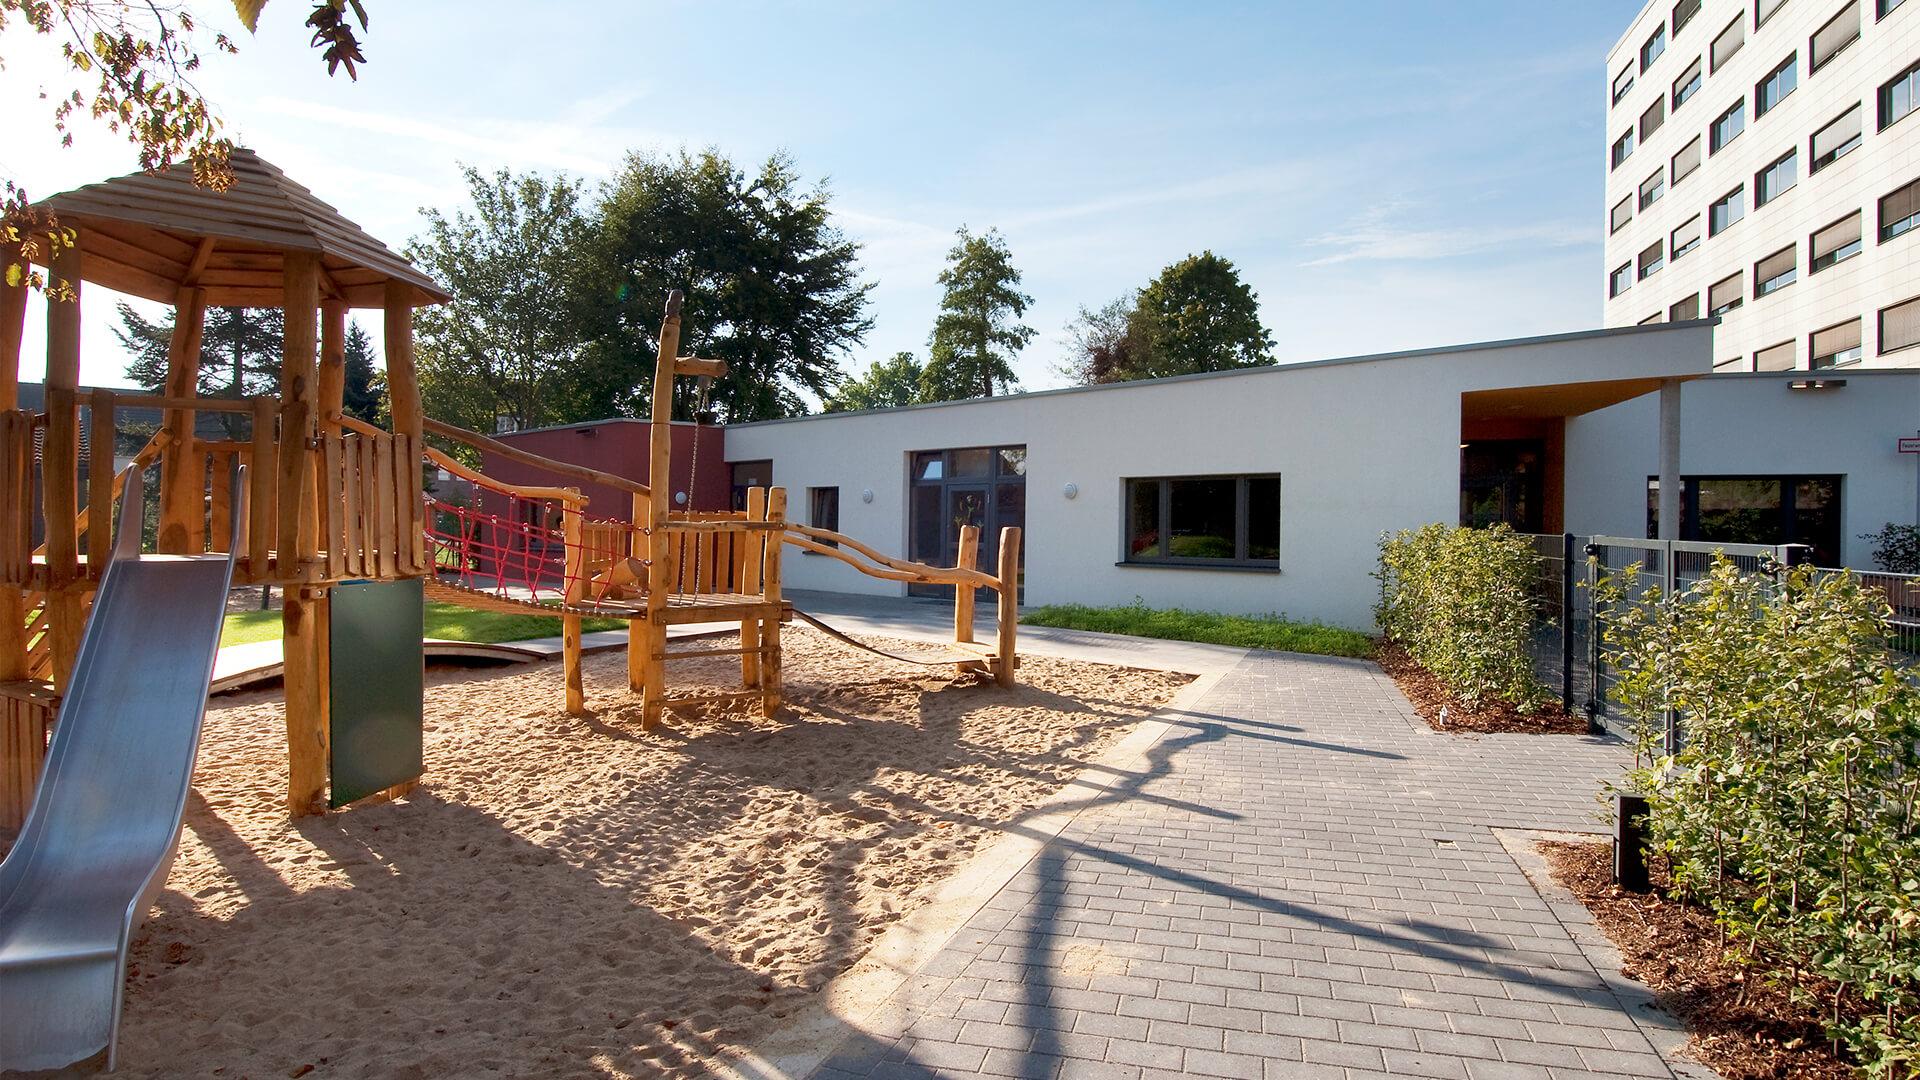 Spielplatz mit Sandkasten und Rutsche